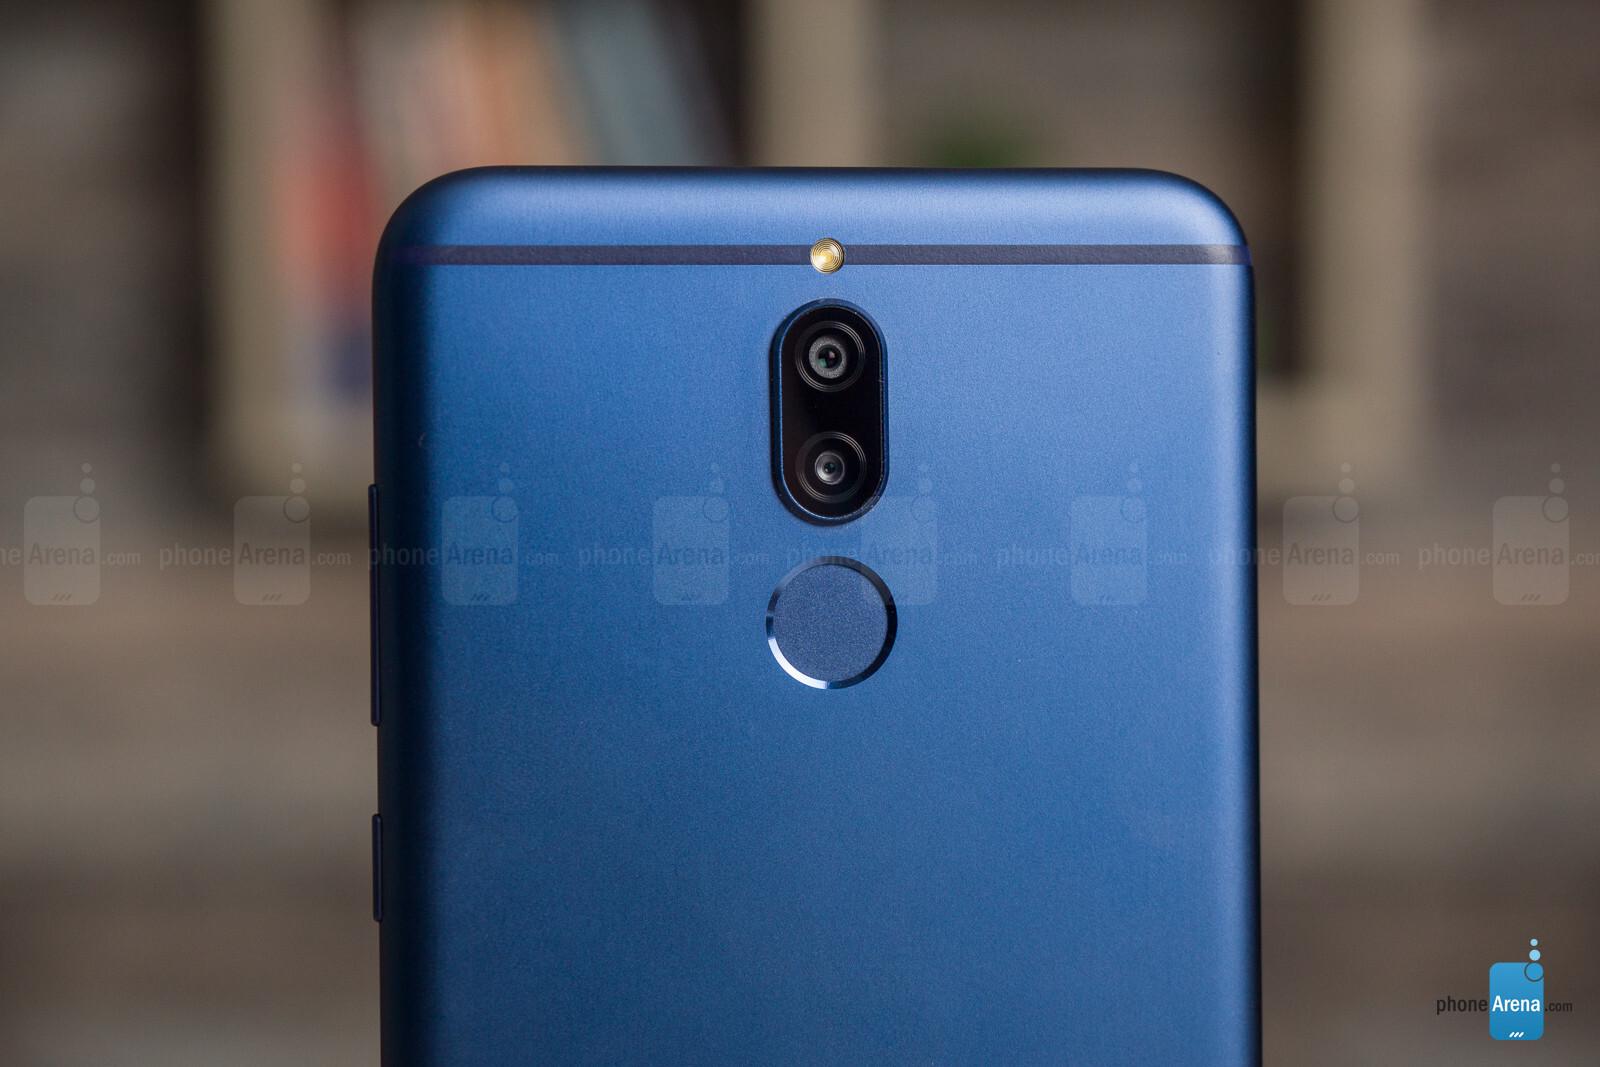 Huawei Mate 10 Lite Review - PhoneArena